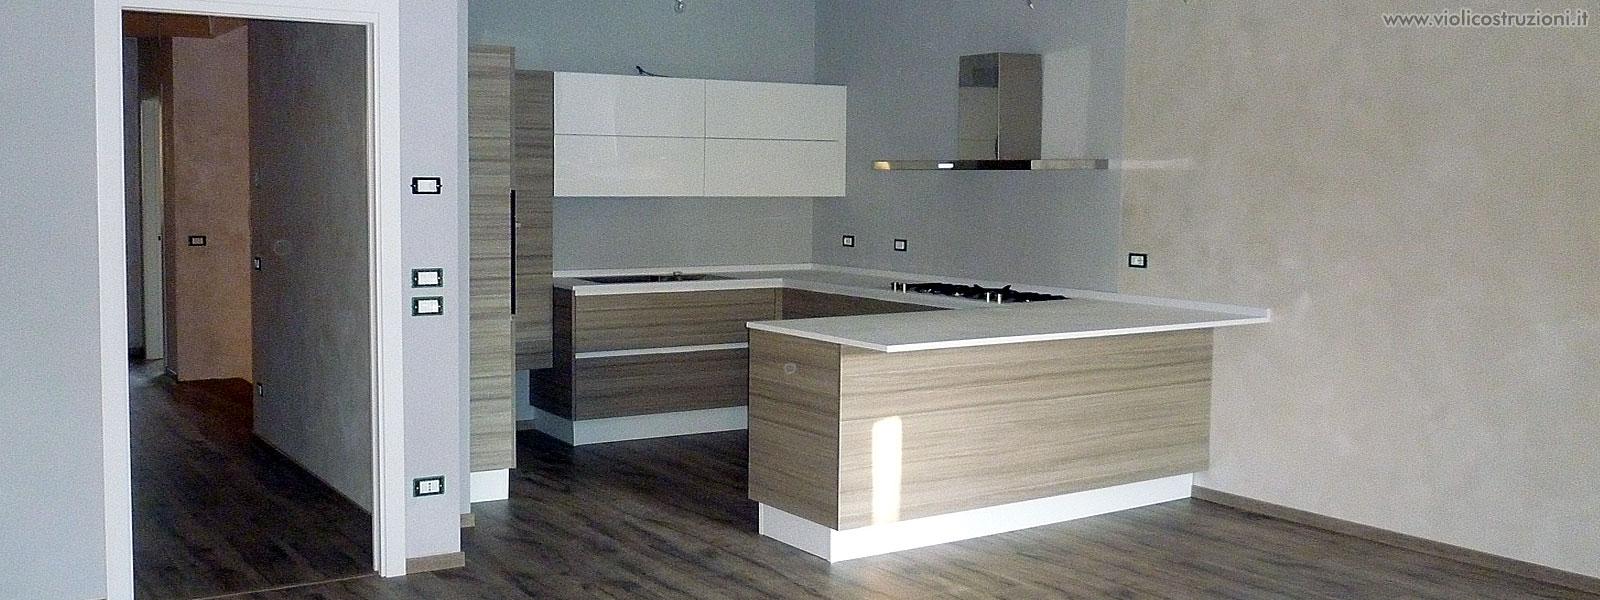 ristrutturazione immobile residenziale 01